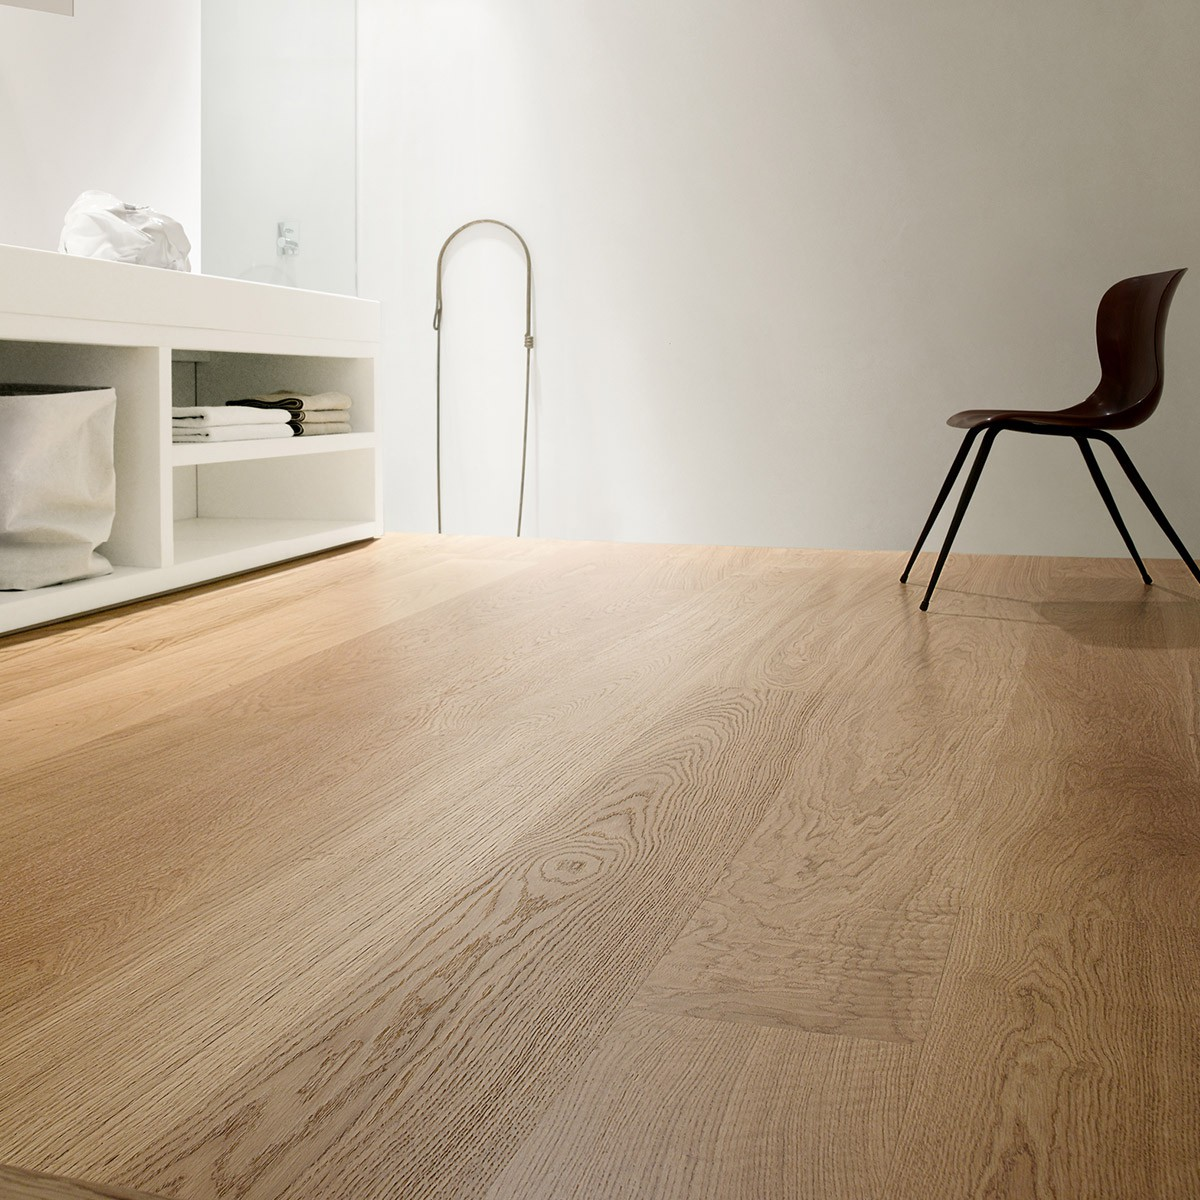 Dąb Puro parkiet drewniany z kolekcji Classica Listone Giordano